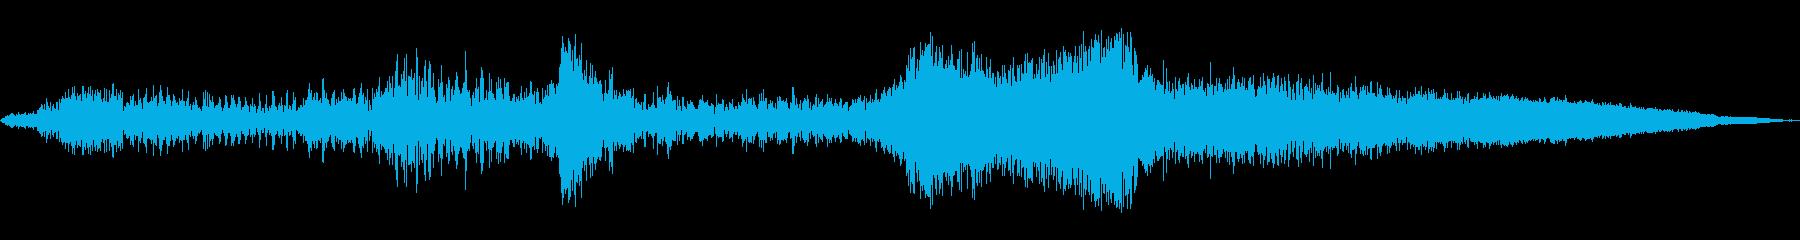 ロードキル、モーターグロールスラム...の再生済みの波形